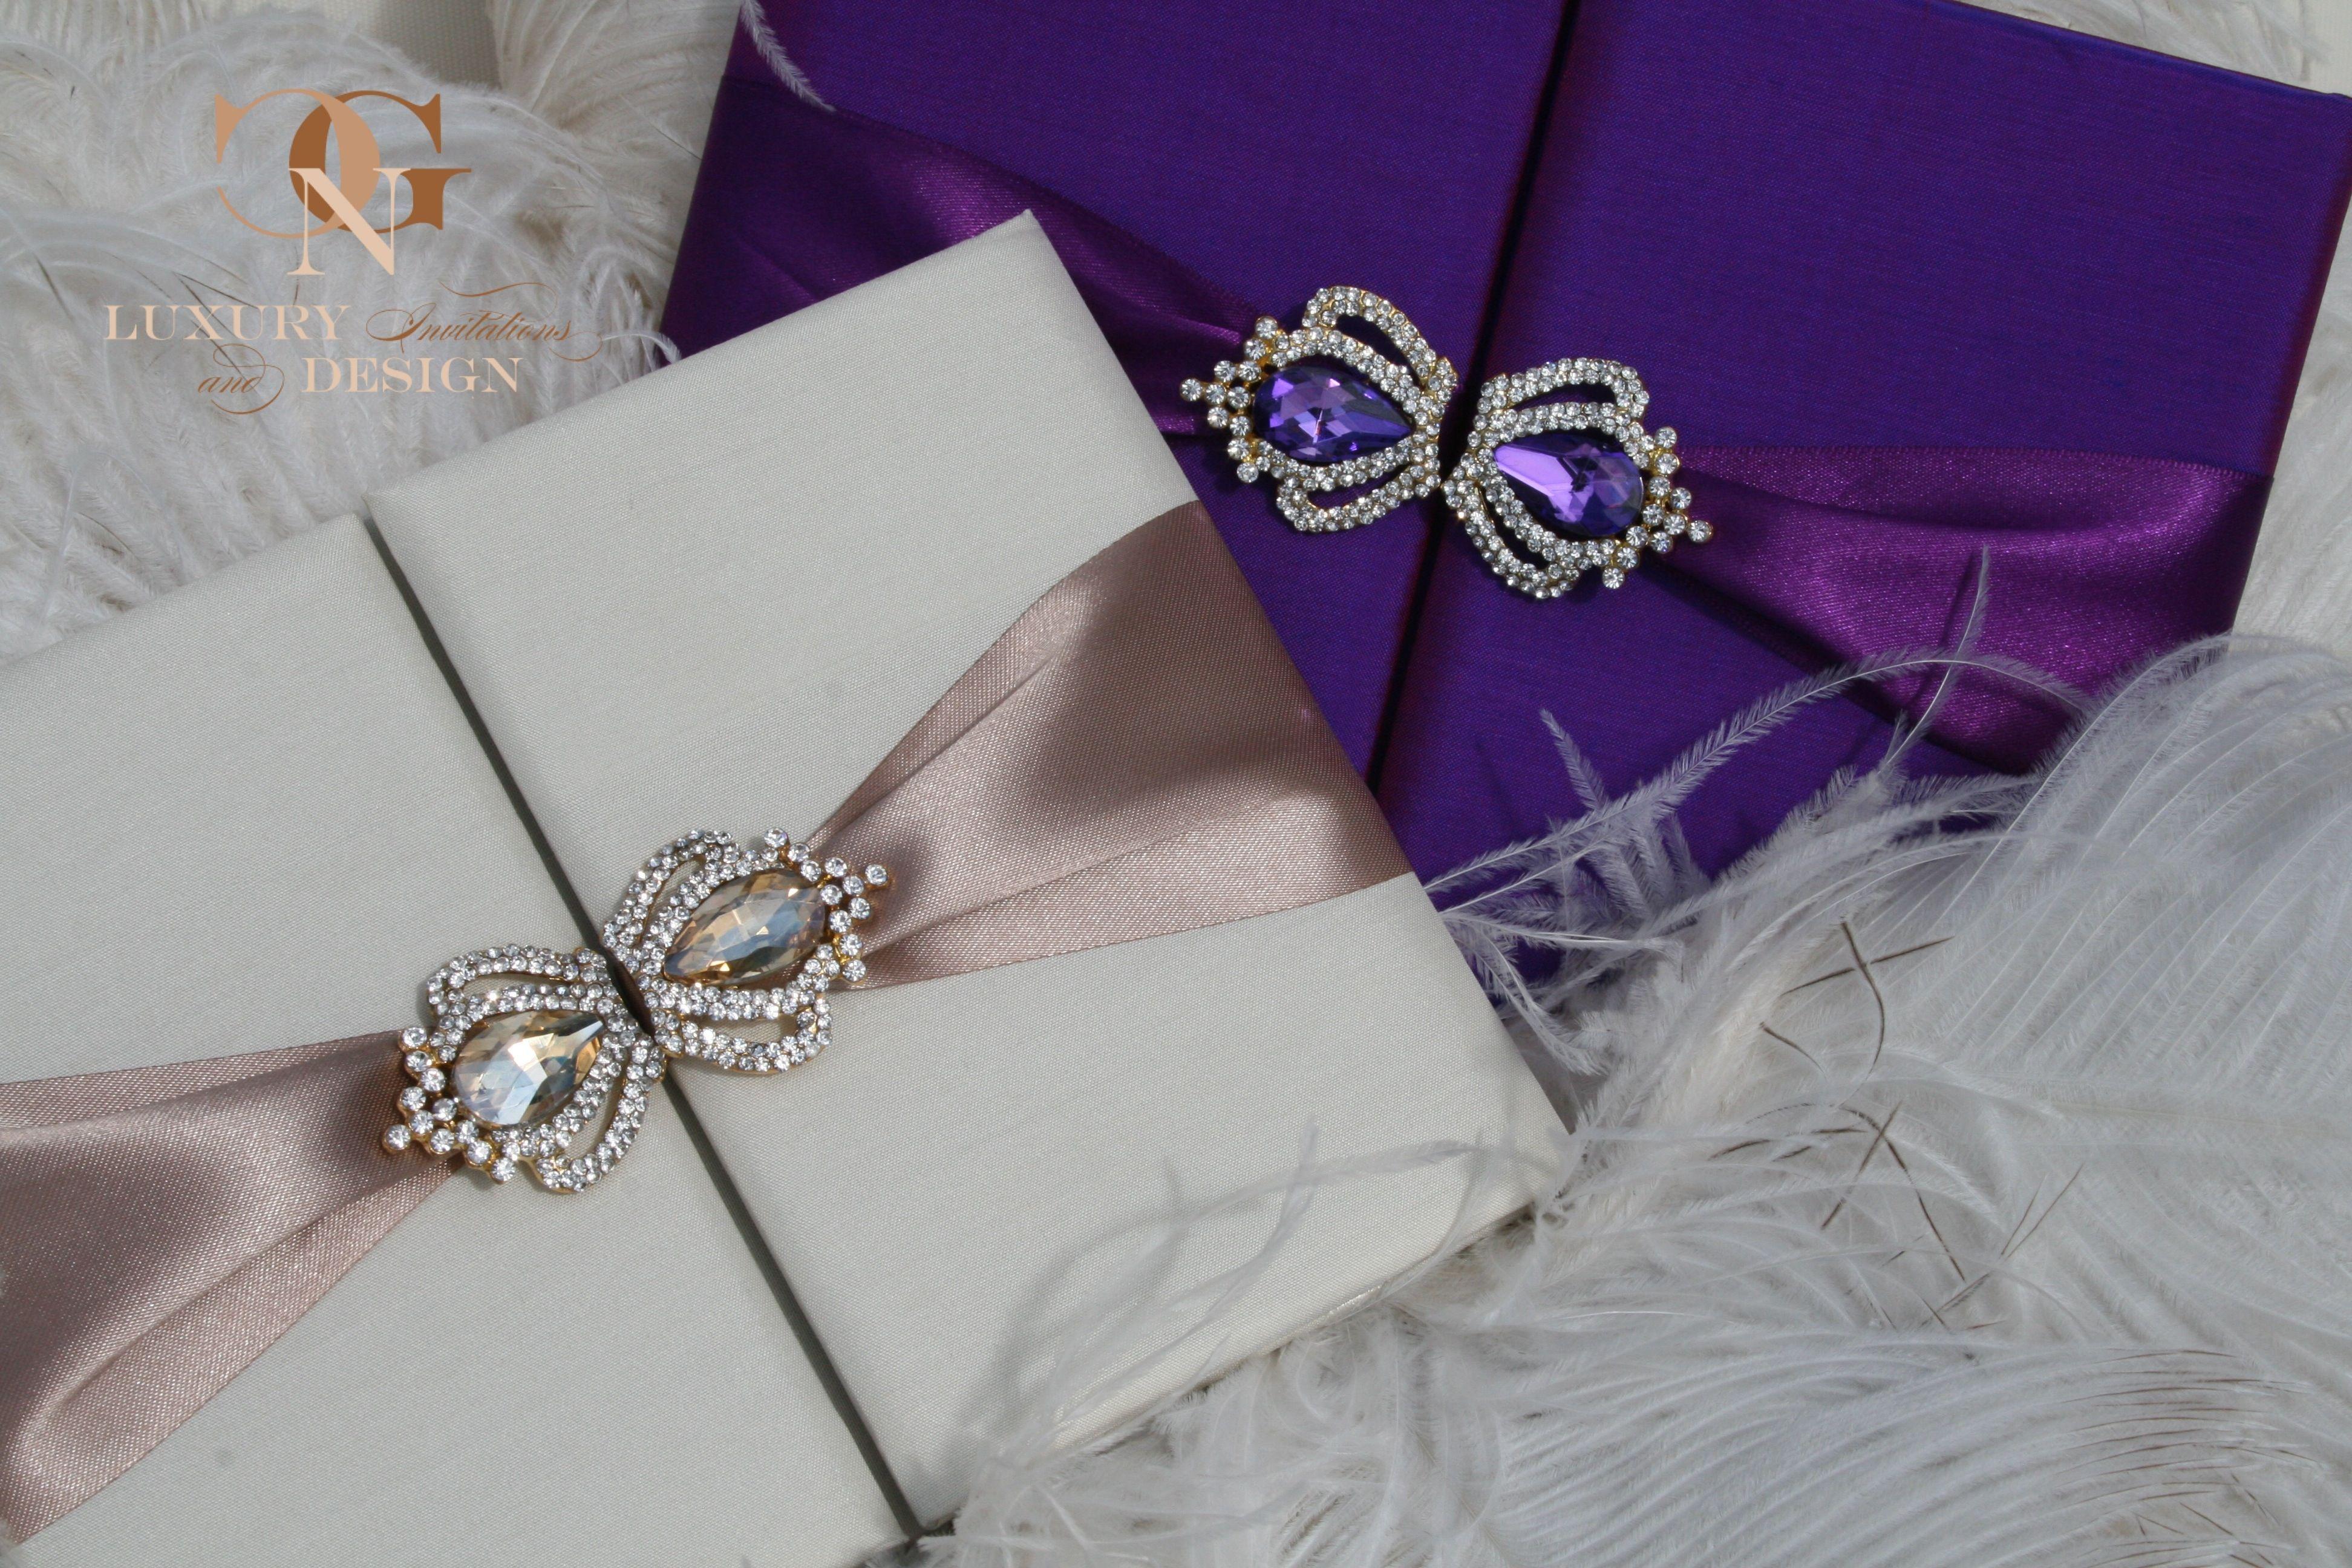 Purple Silk Wedding Invitations By Gnc Luxury Invitations Design In Switzerland Luxus Seiden Hochzeitseinladungen Hochzeitseinladung Einladungen Hochzeit